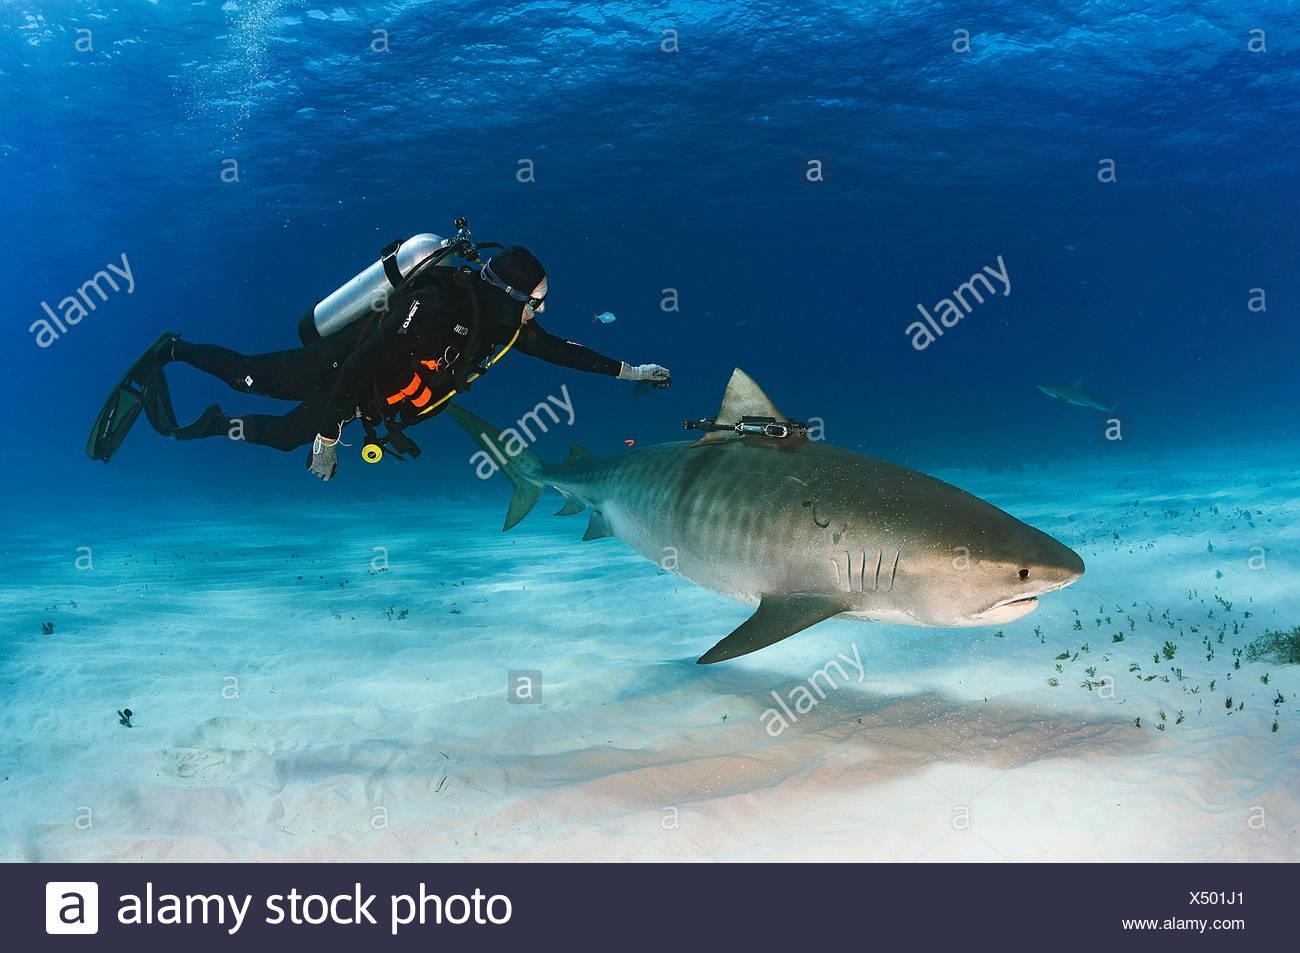 Un Crittercam, un video che raccoglie le riprese dello squalo nei movimenti, è attaccato a un squalo tigre a mano sott'acqua. Immagini Stock